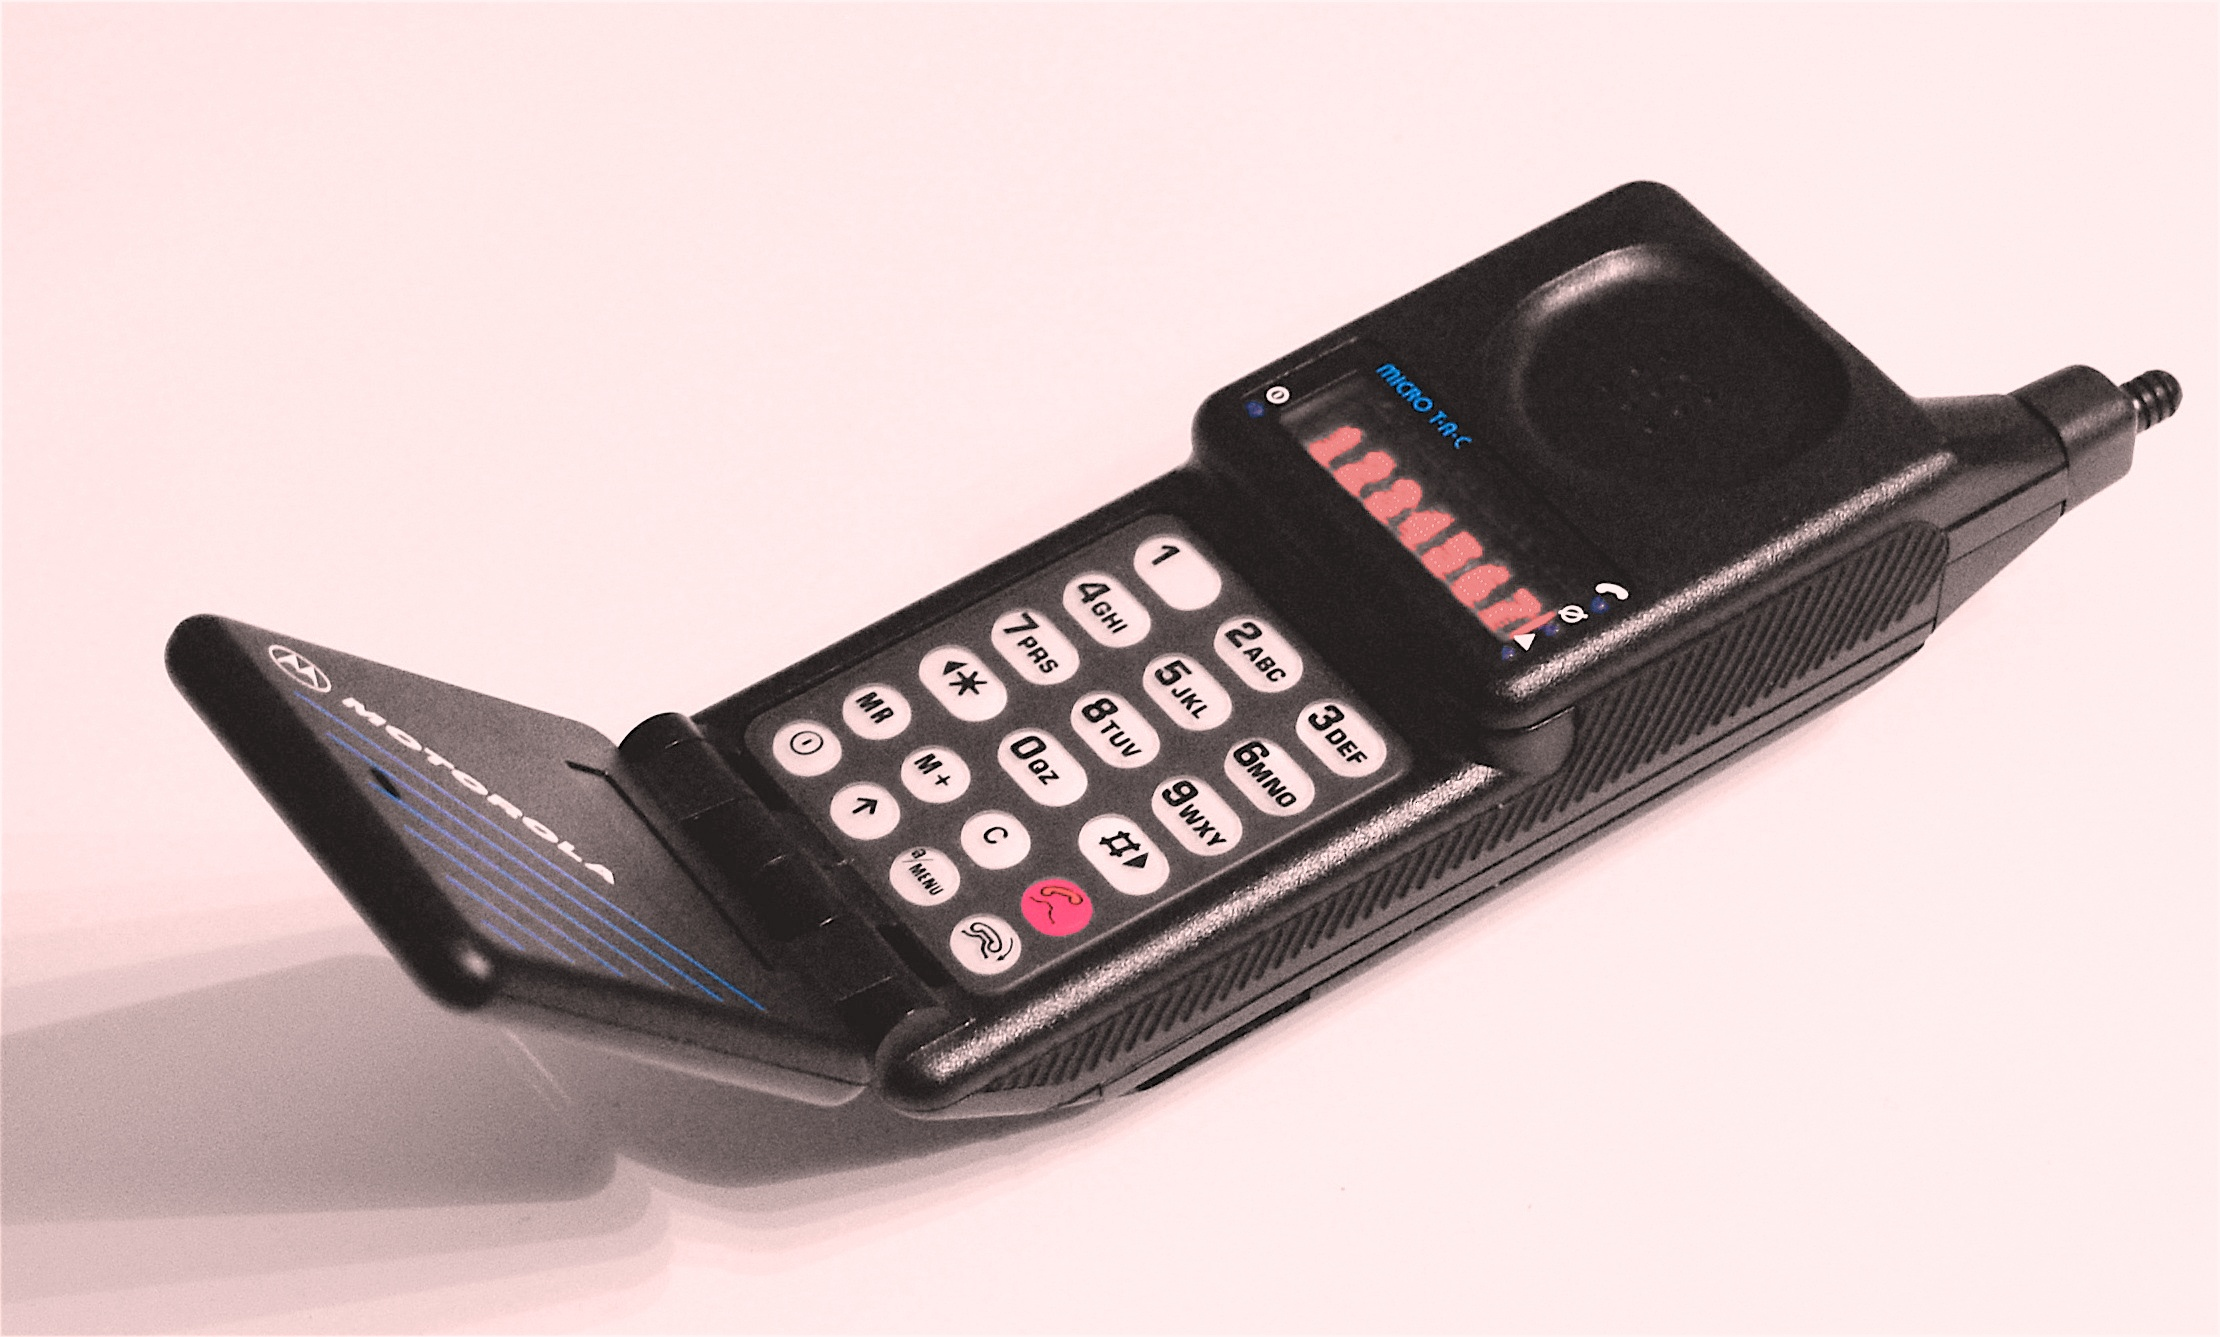 Imagens de telemóveis antigos - Motorola MicroTAC 9800X